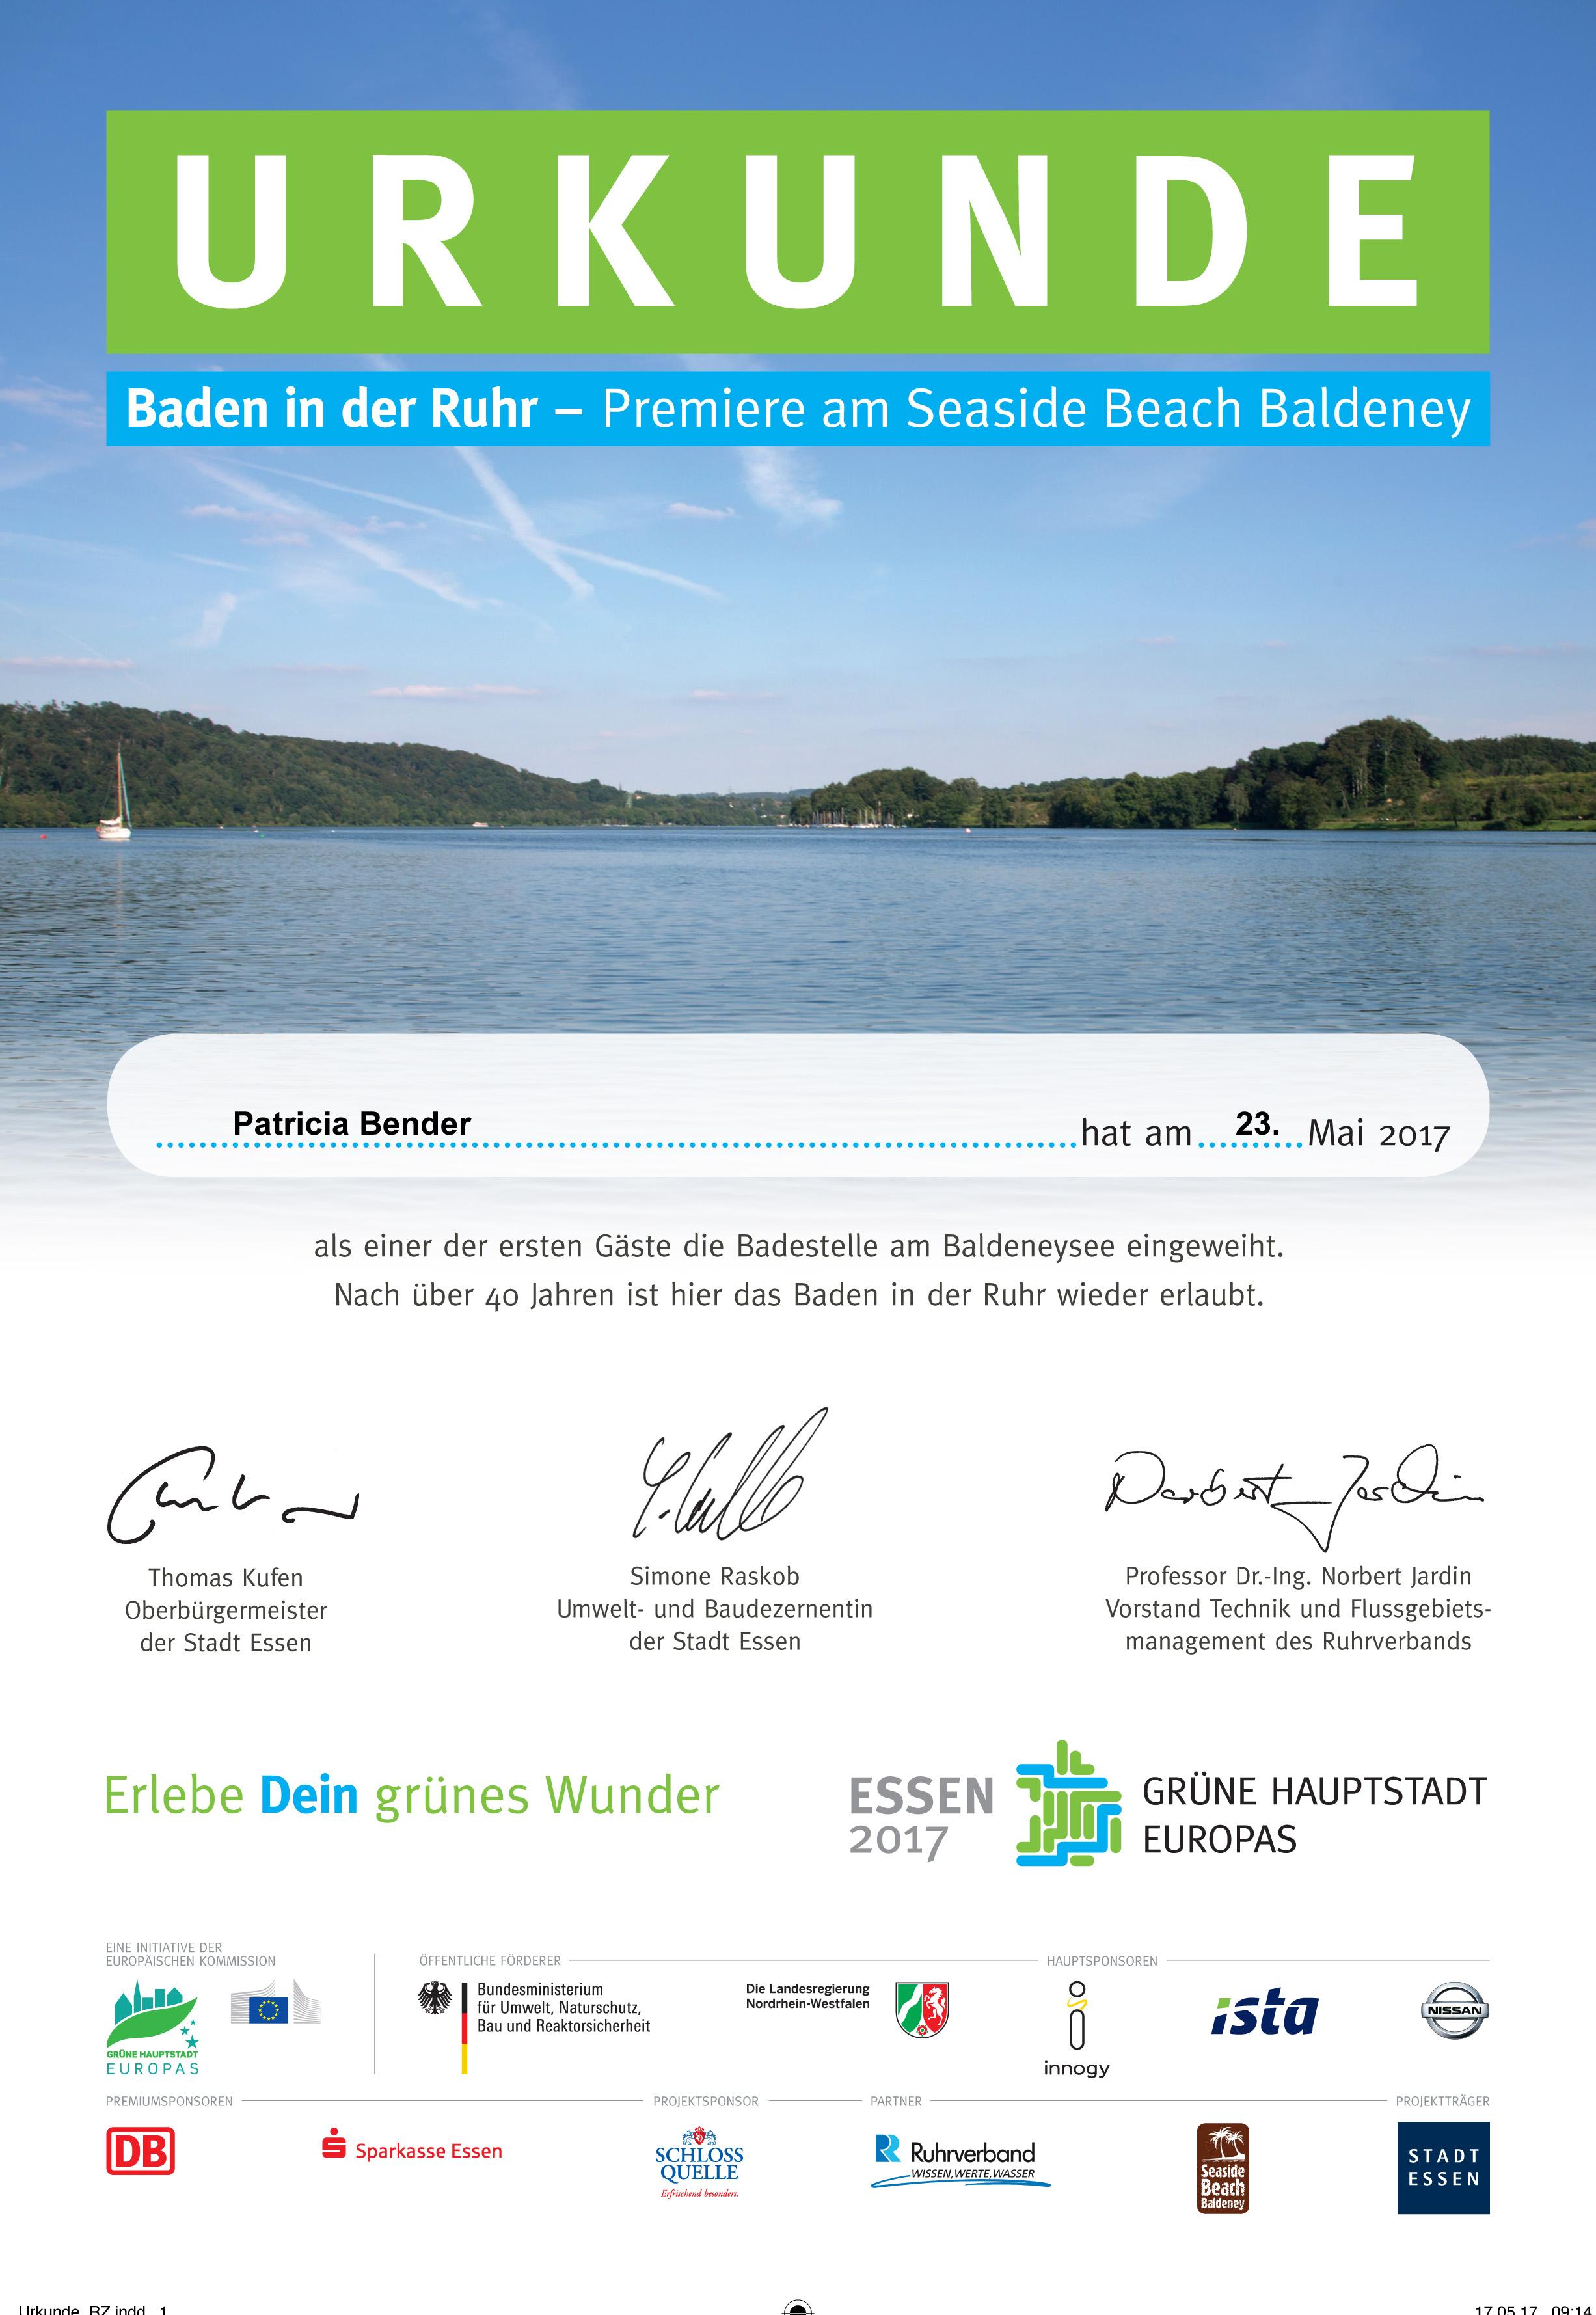 Anbade-Urkunde für die ersten 1.000 Schwimmer (Projektbüro Grüne Hauptstadt Europas - Essen 2017).